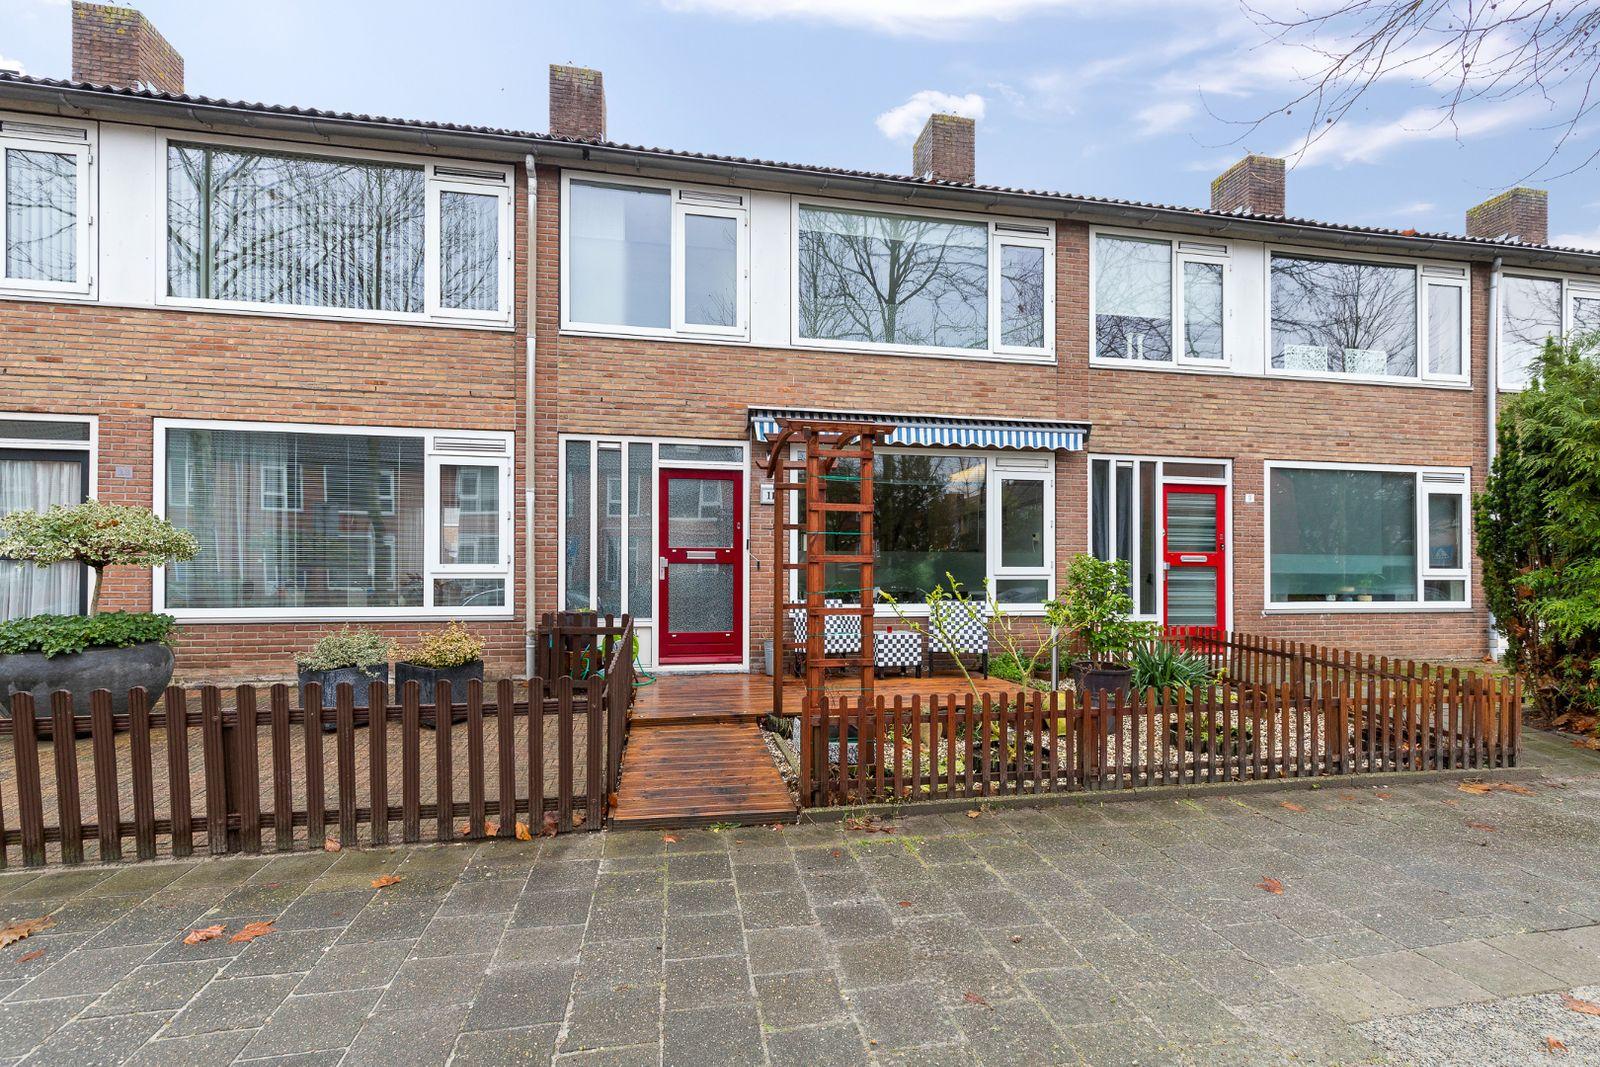 Regulusstraat 11, Groningen